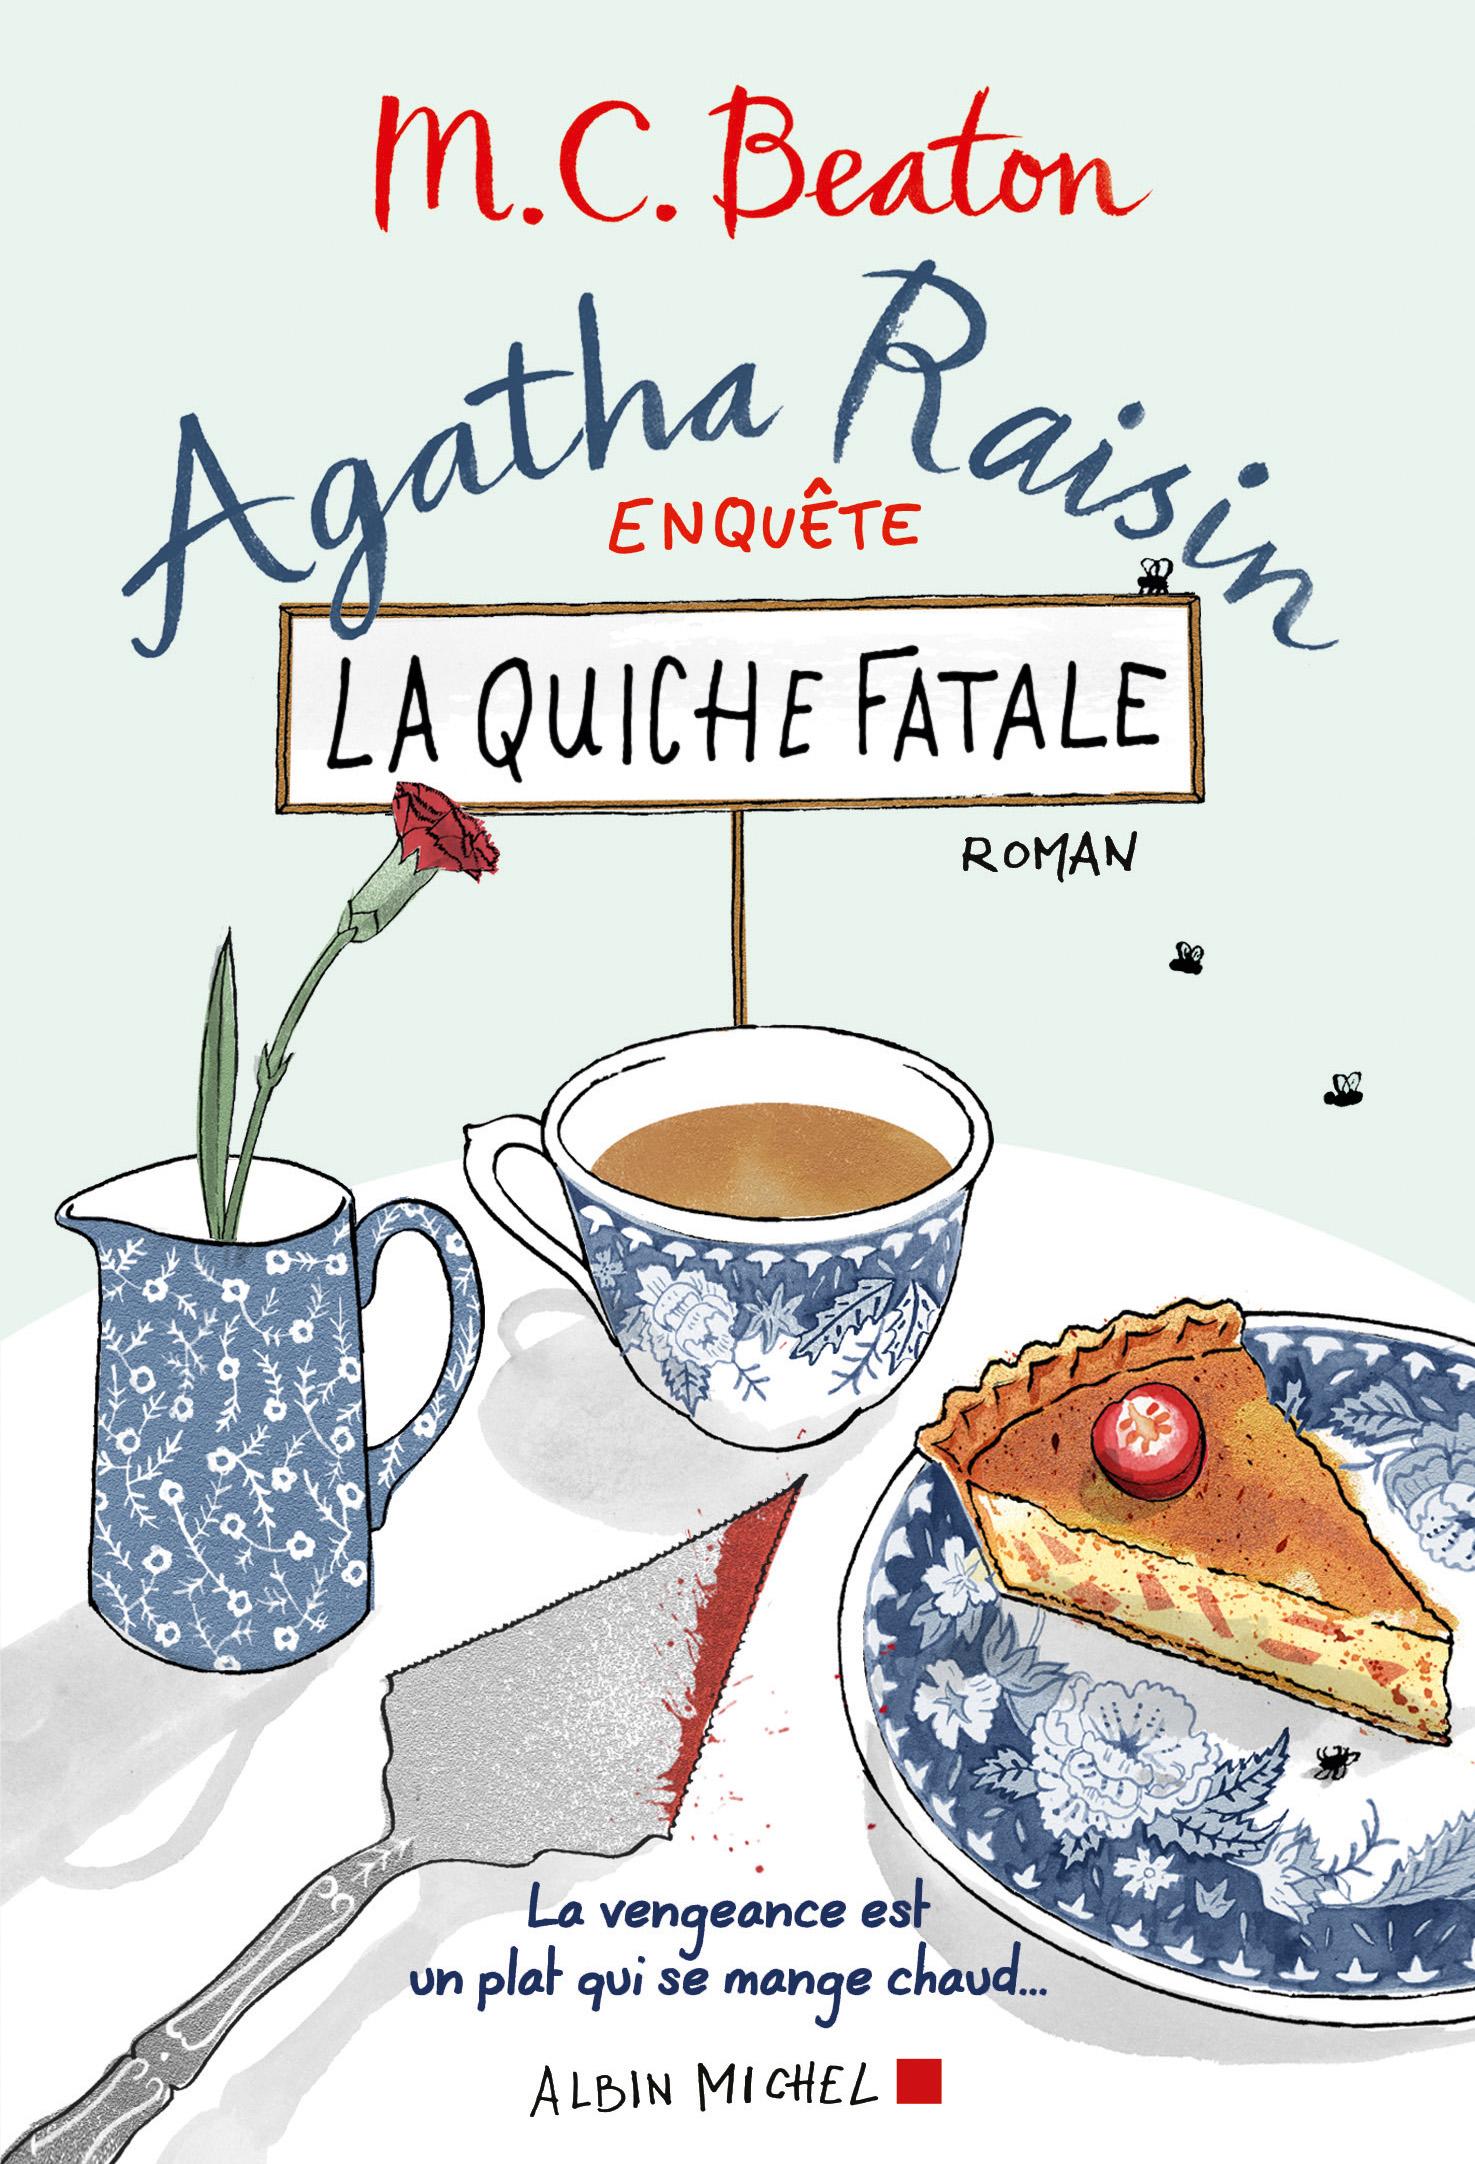 Agatha Raisin enquête 1 - La quiche fatale | Beaton, M. C.. Auteur